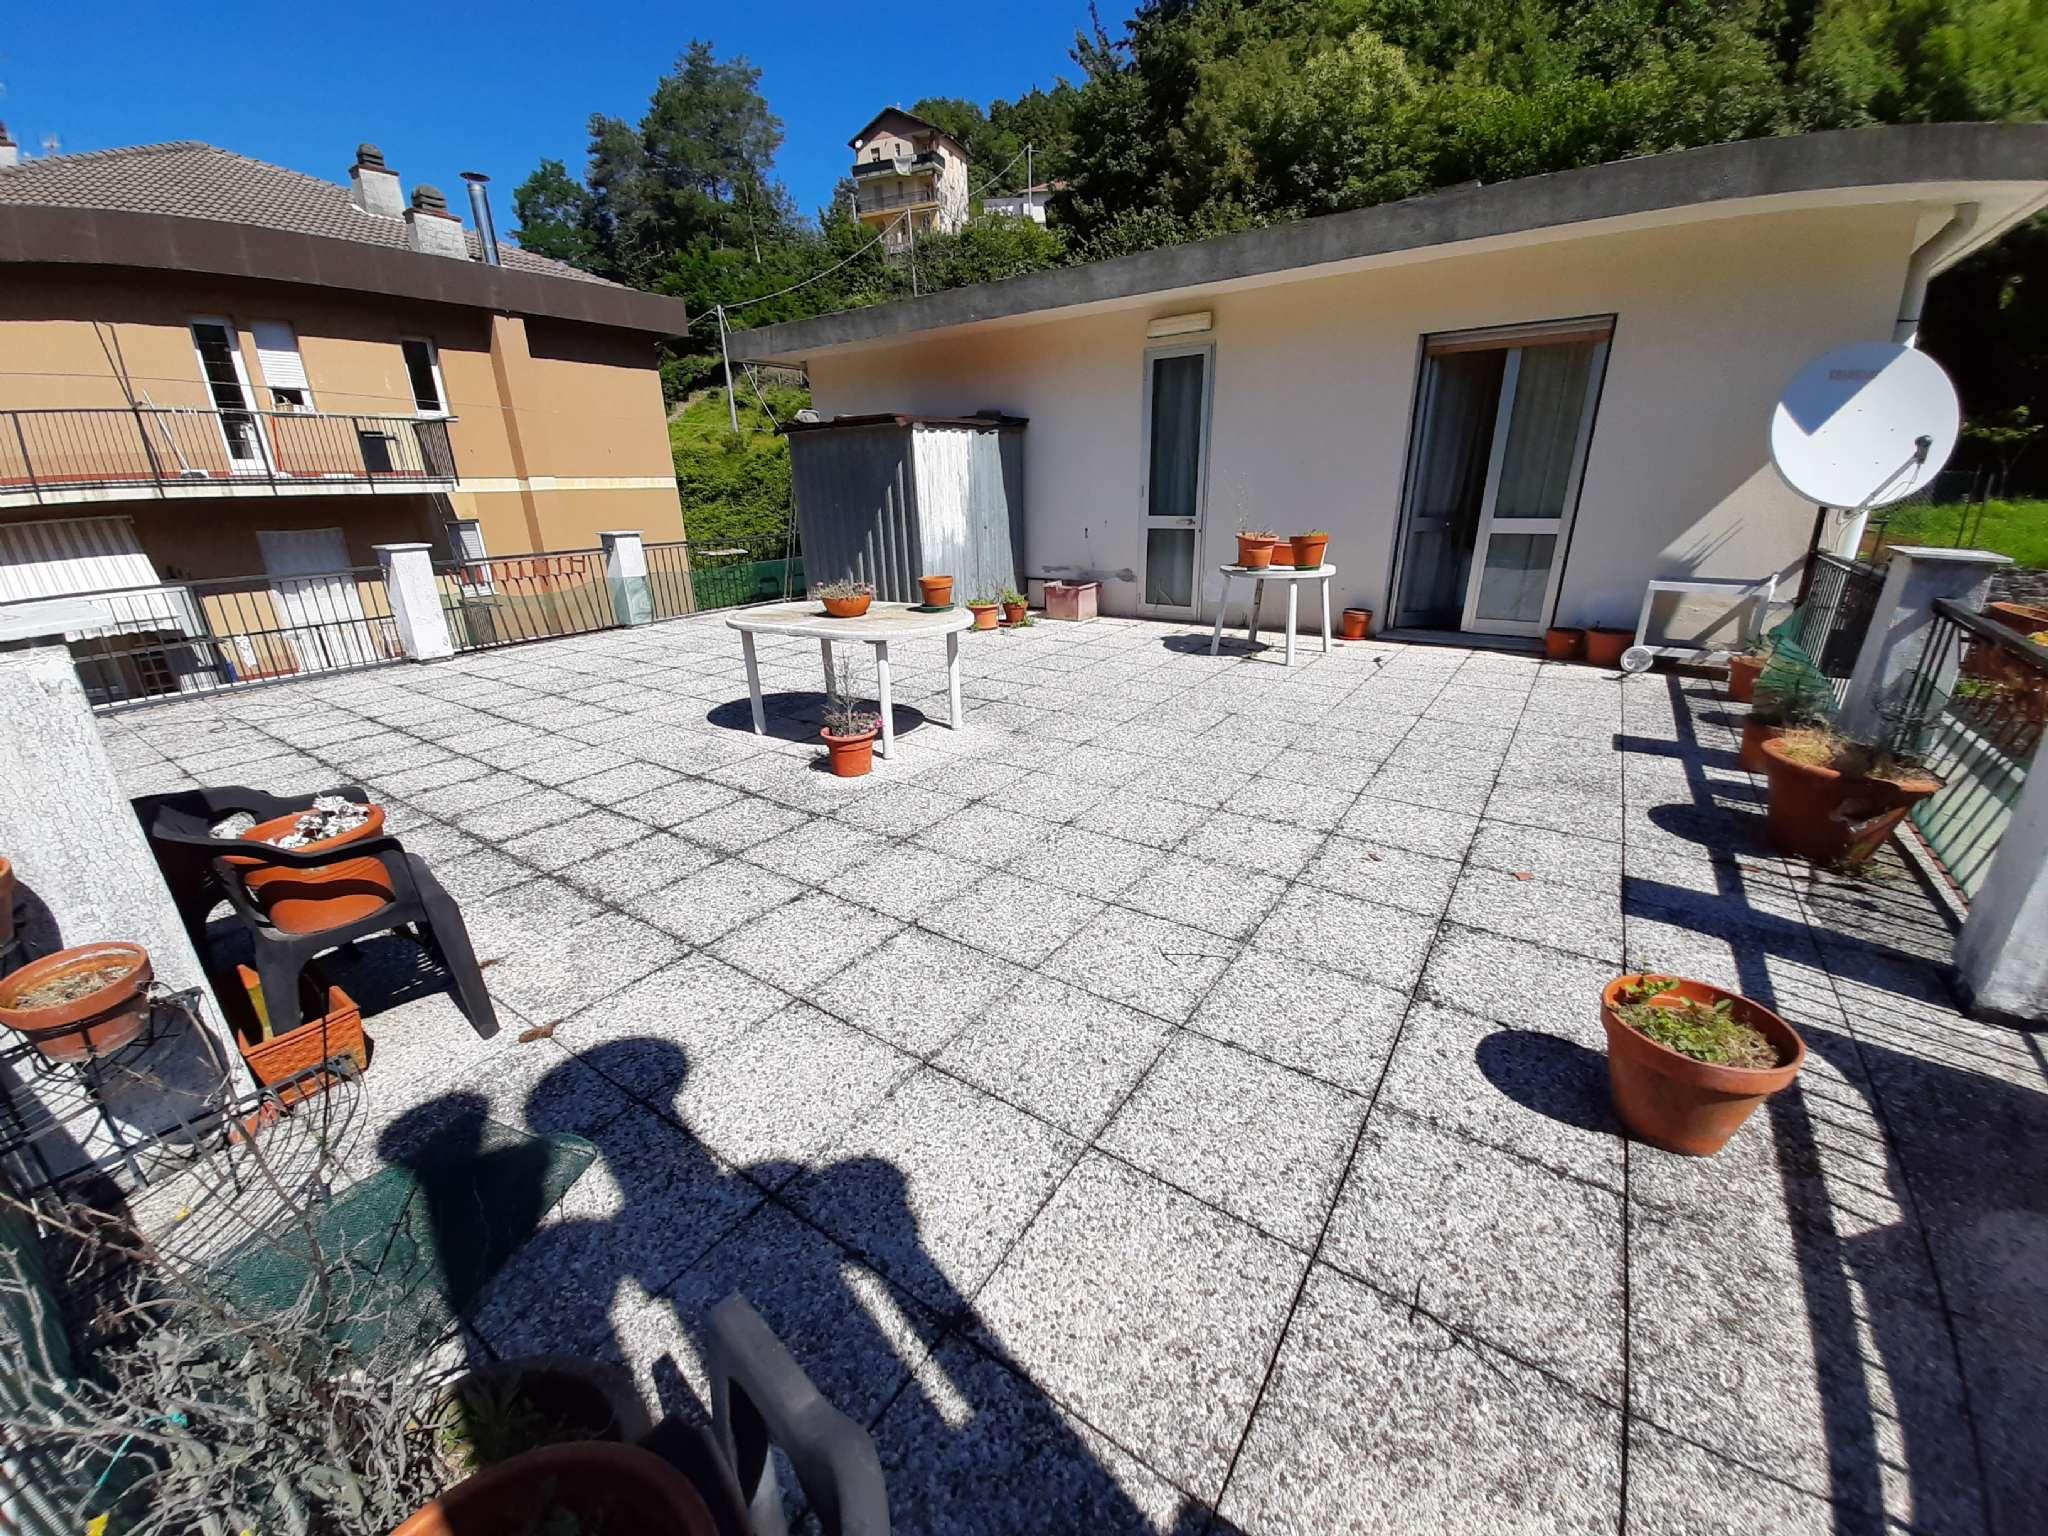 Attico / Mansarda in vendita a Mignanego, 4 locali, prezzo € 88.000 | PortaleAgenzieImmobiliari.it